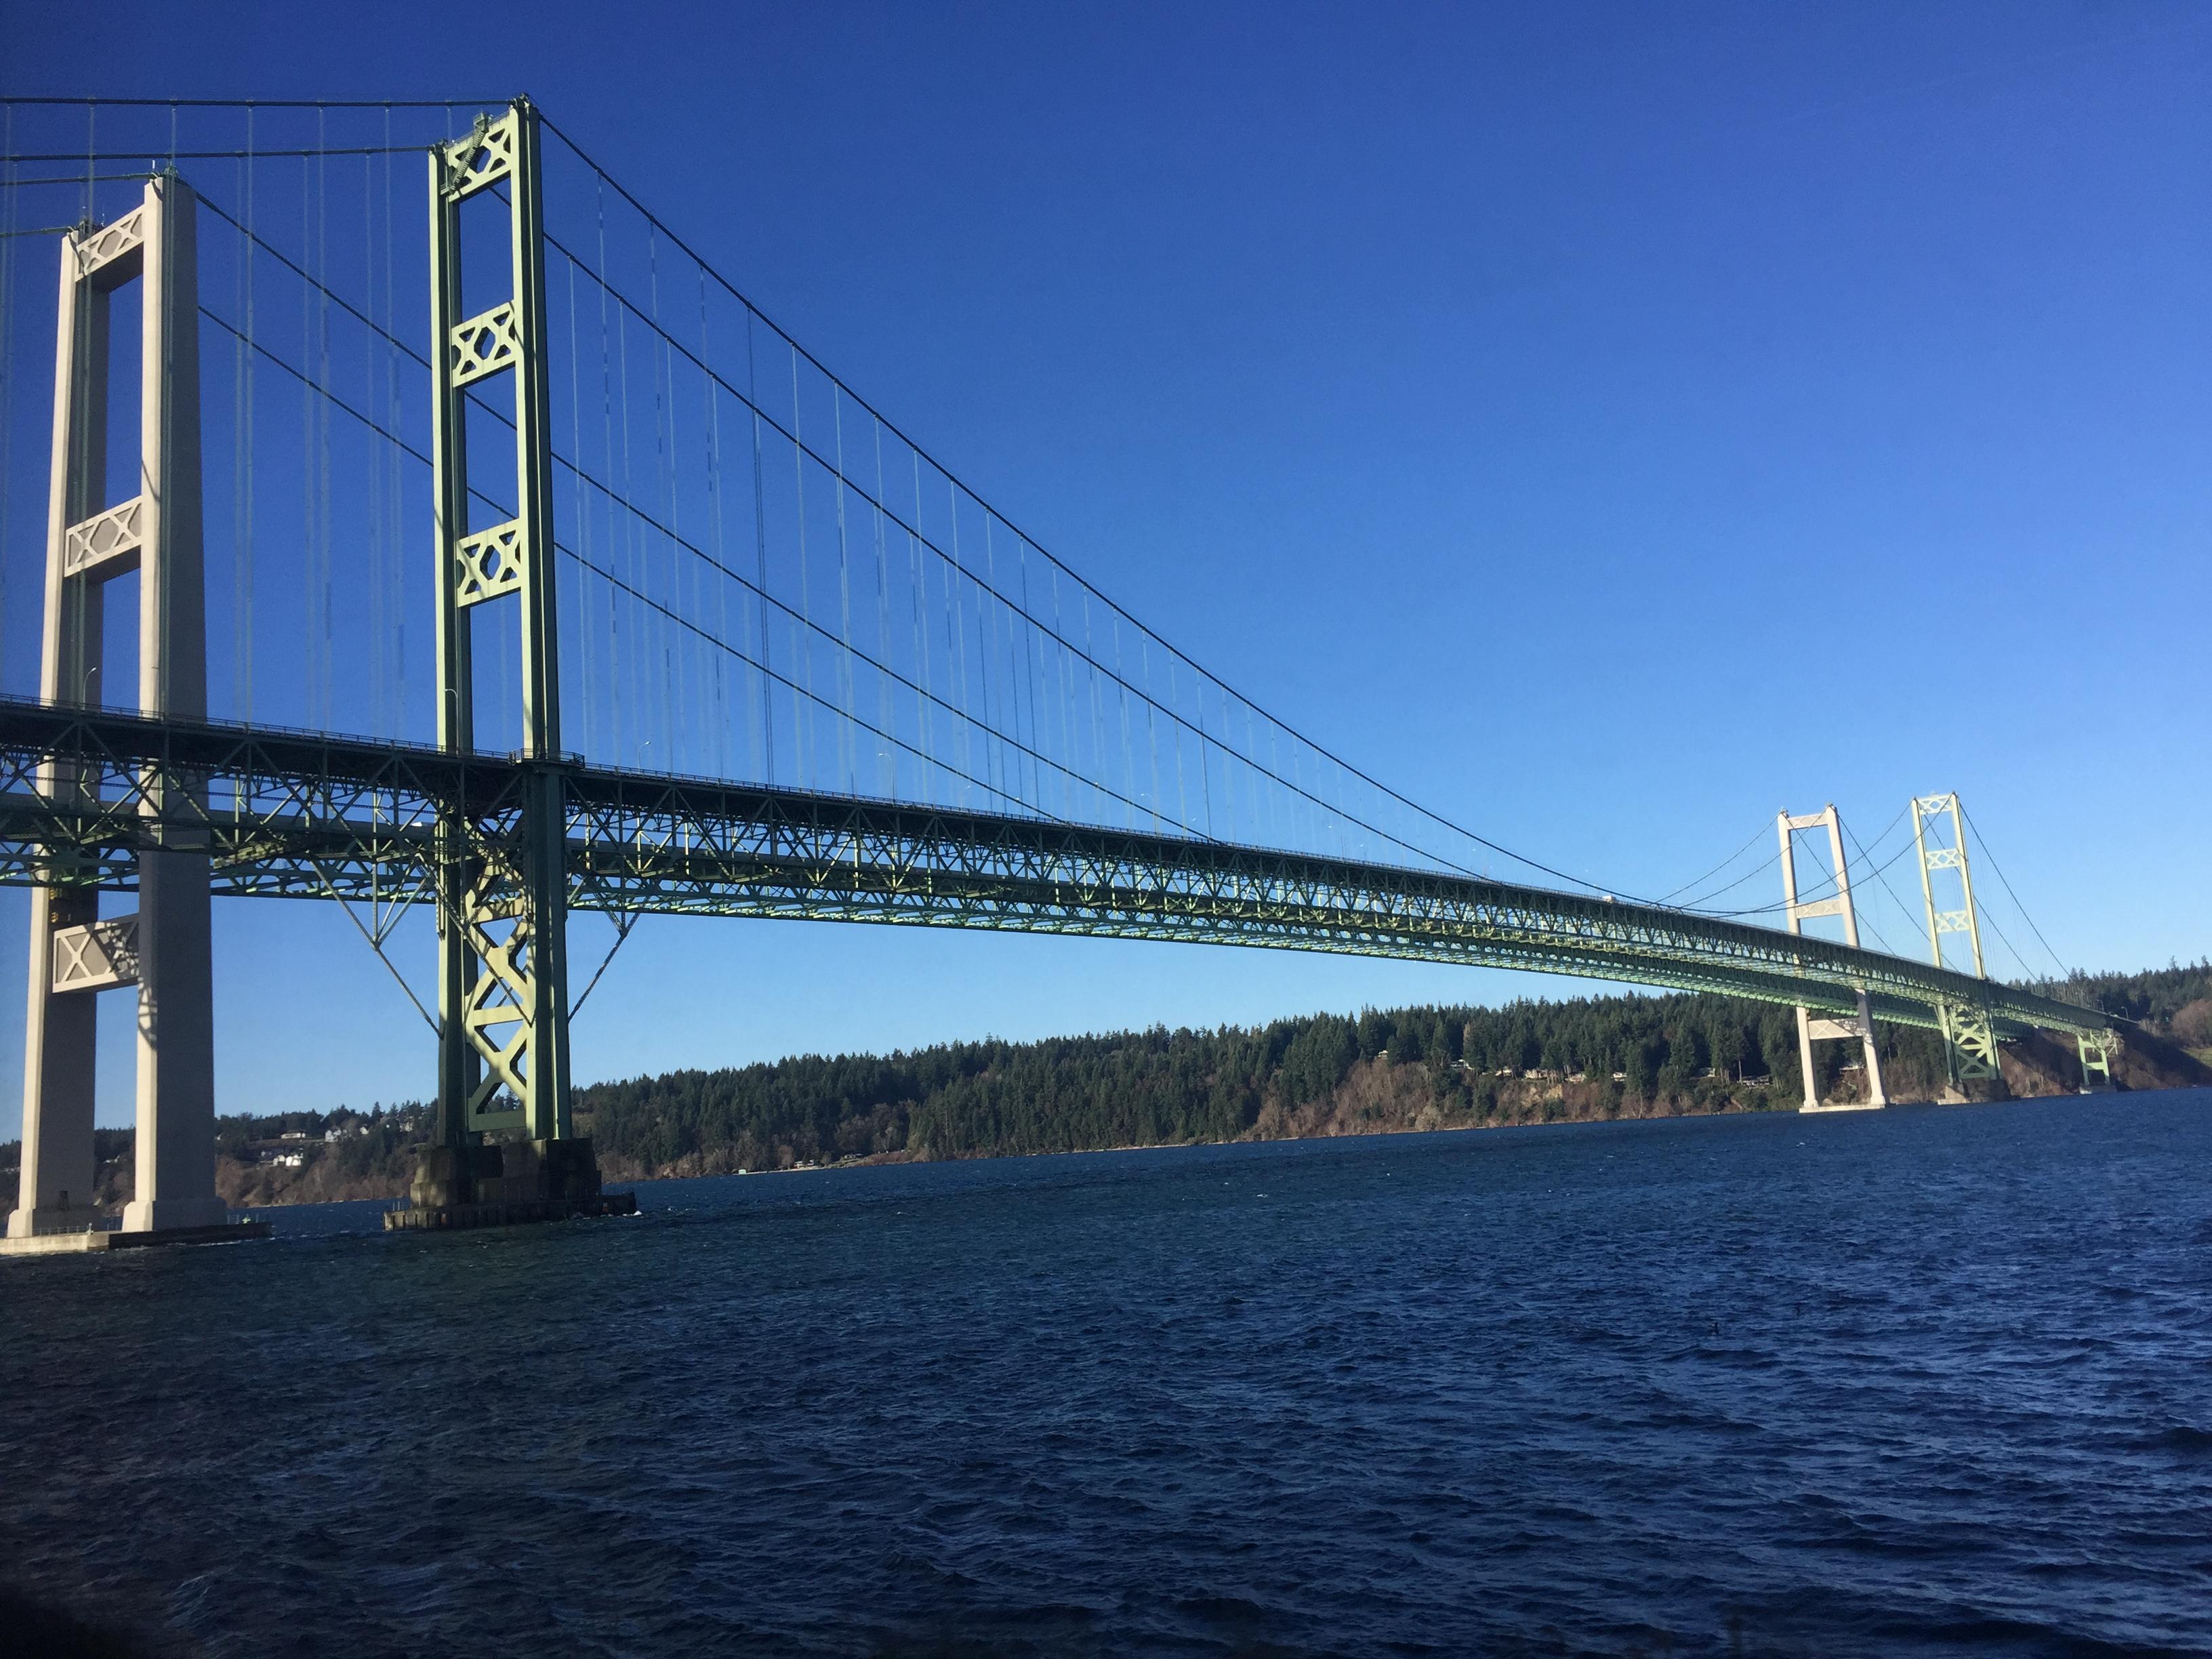 The Tacoma Narrows Bridge (to Gig Harbor)